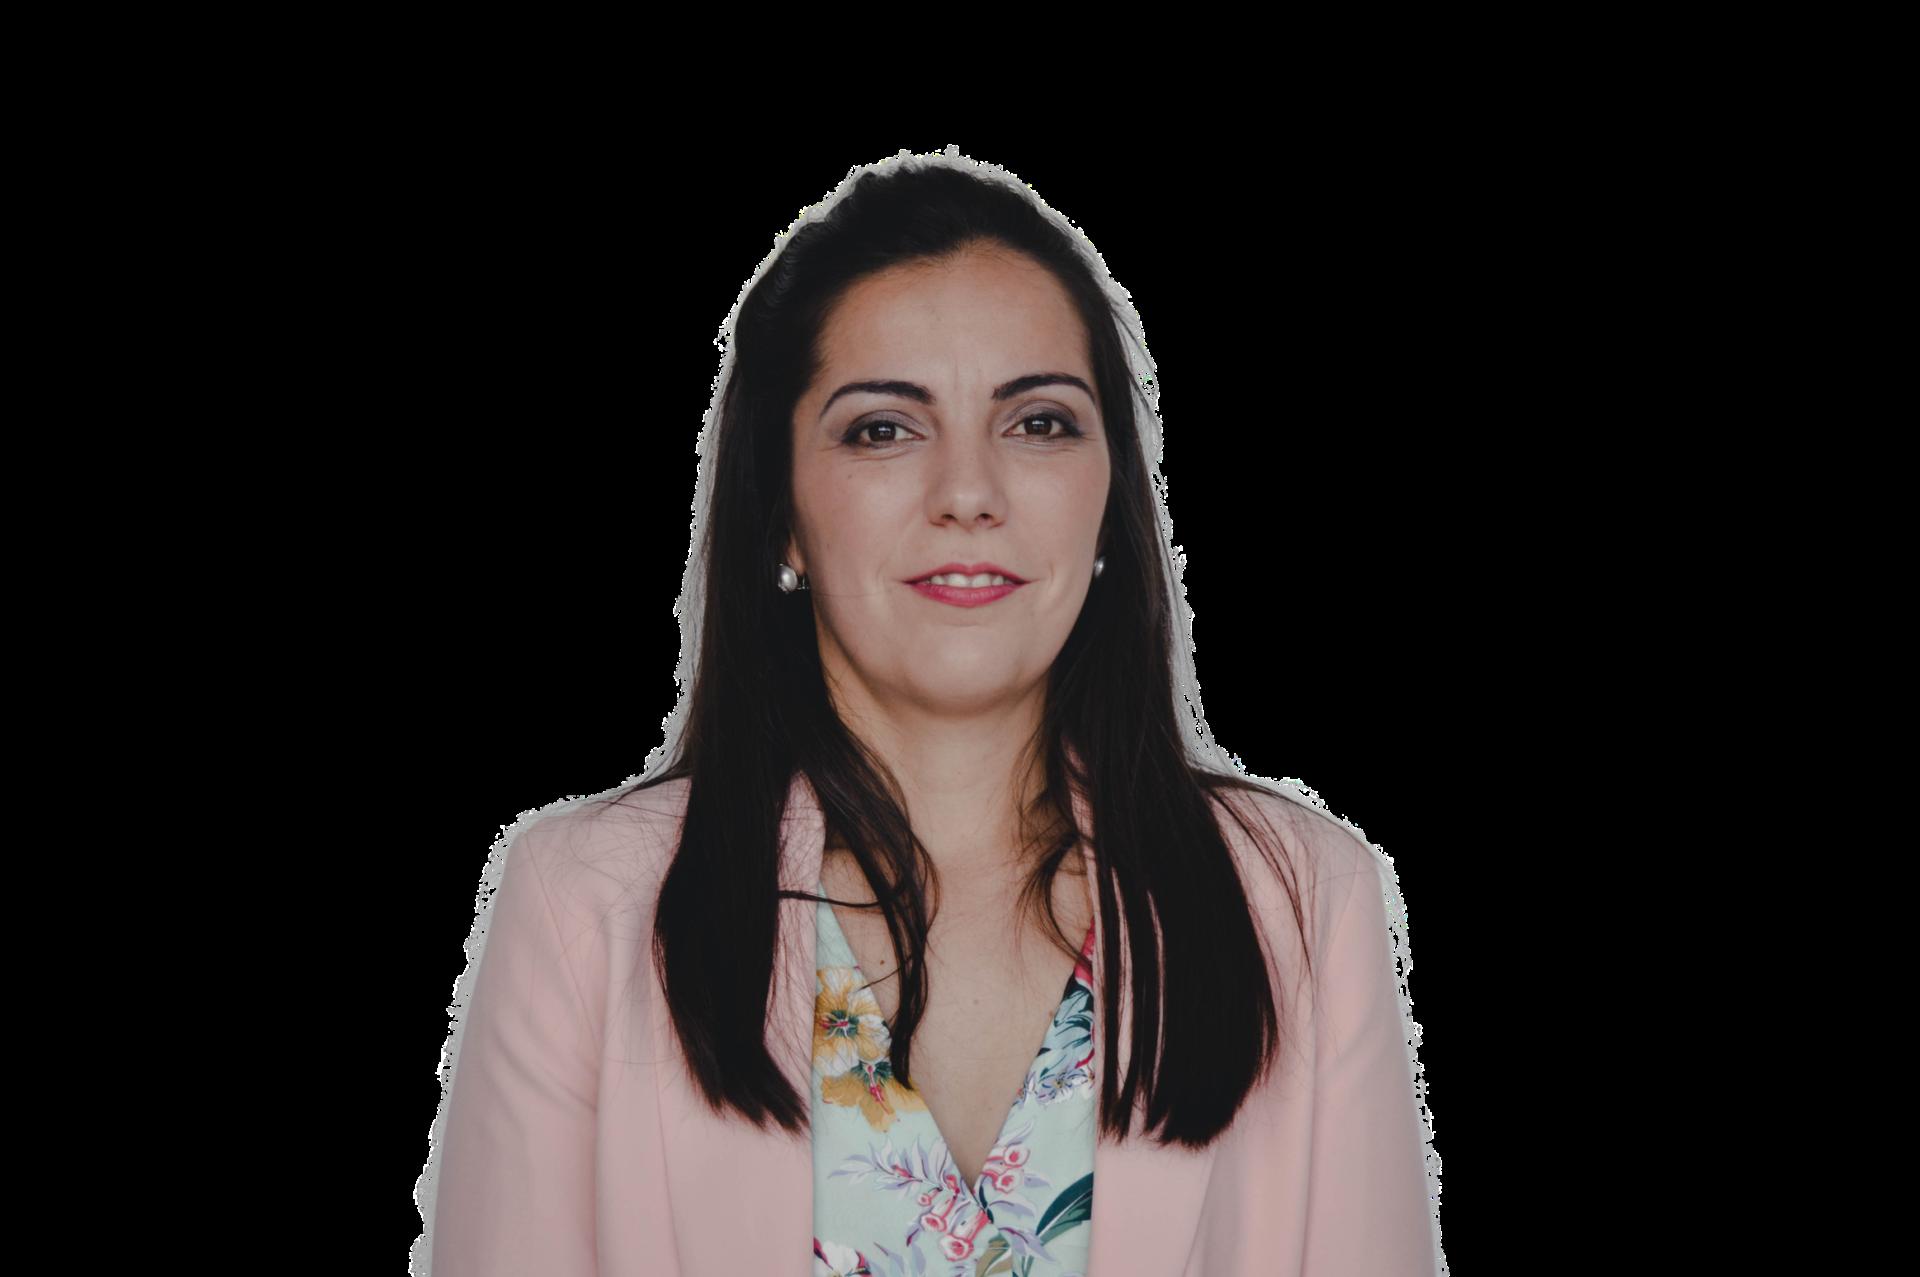 Maria de los Angeles Carmona Delgado